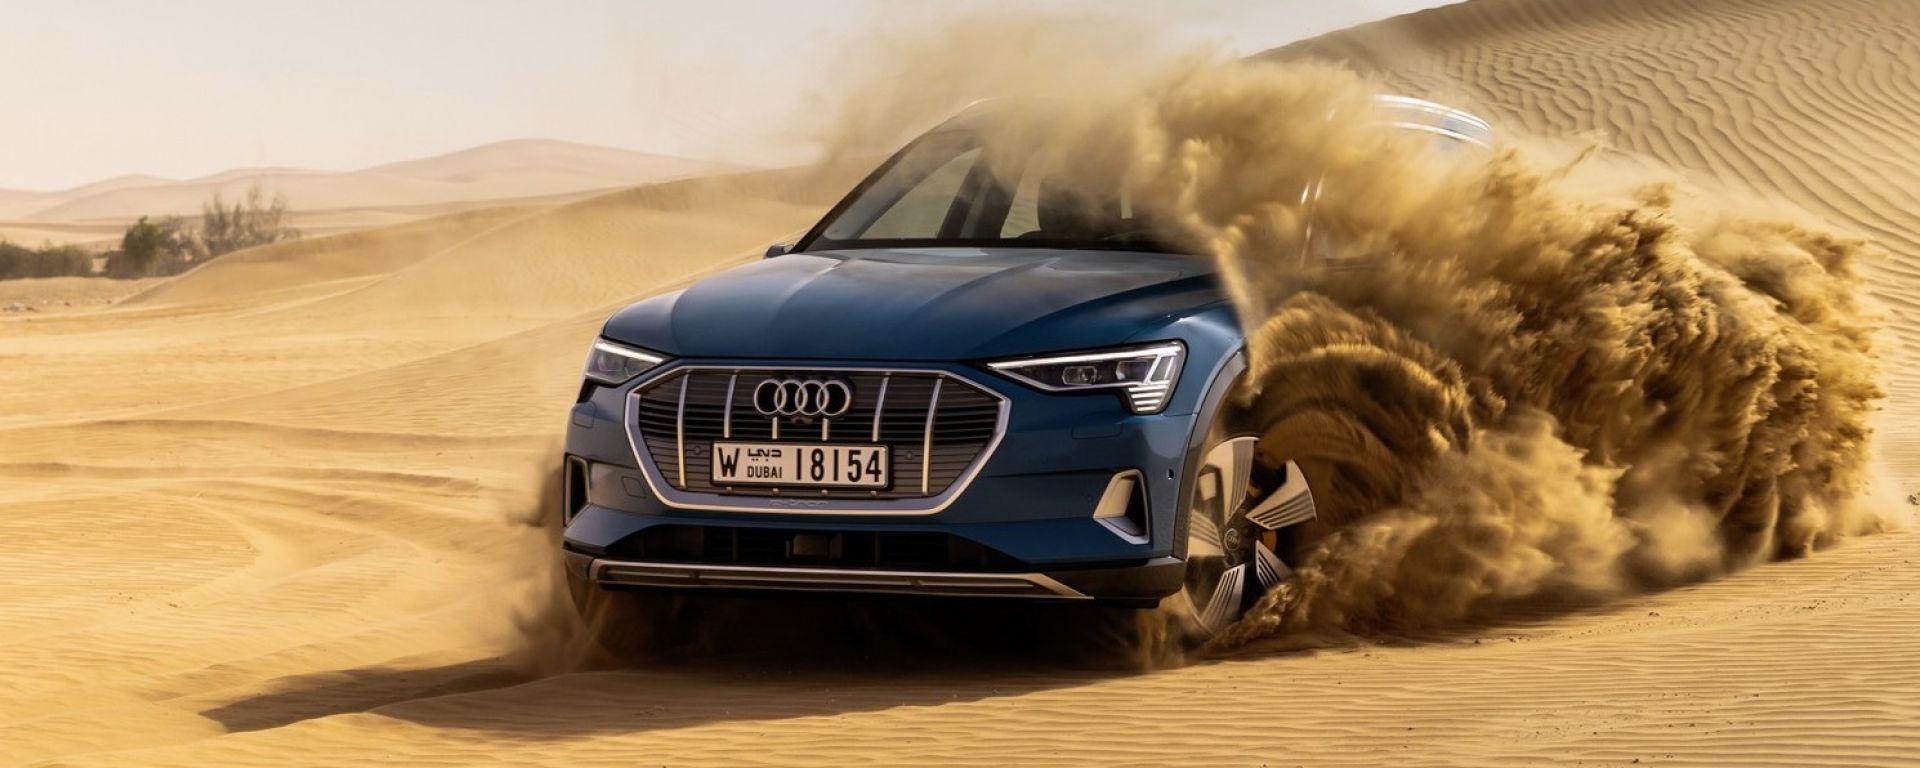 L'Audi e-tron alle prese con la sabbia del deserto di Abu Dhabi